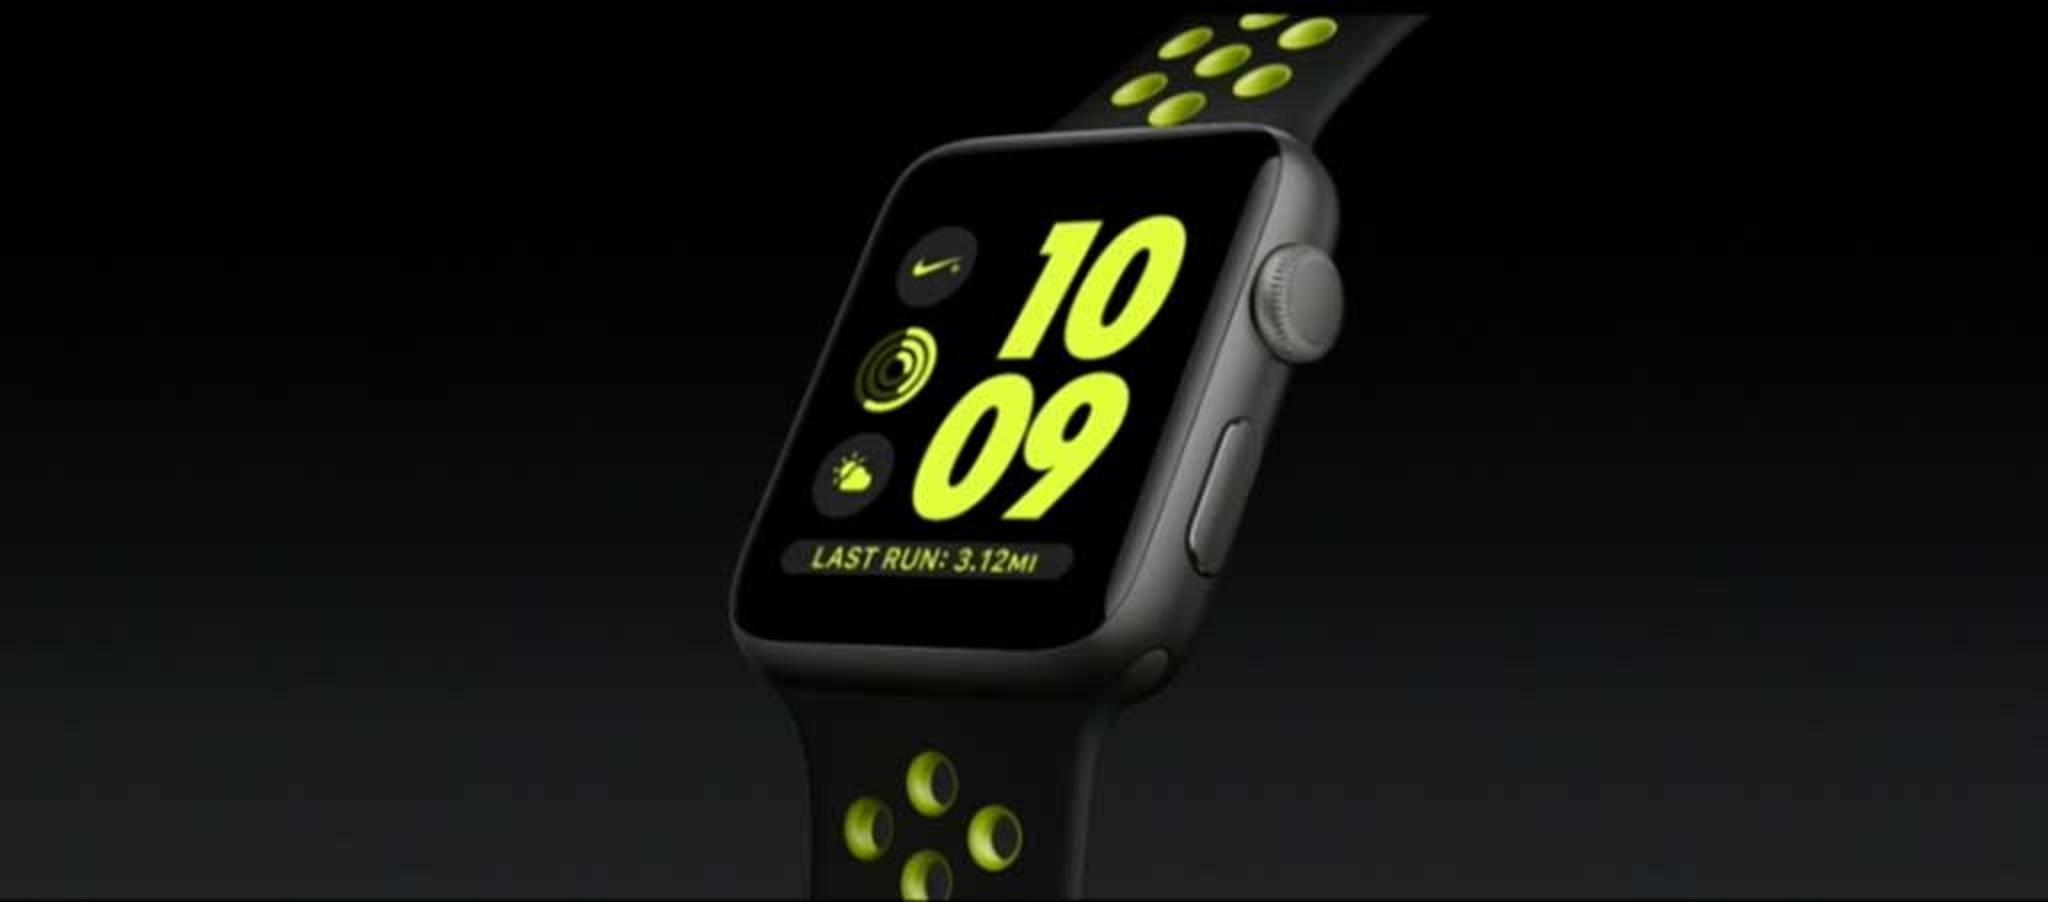 Die Apple Watch Series 2 Nike+.